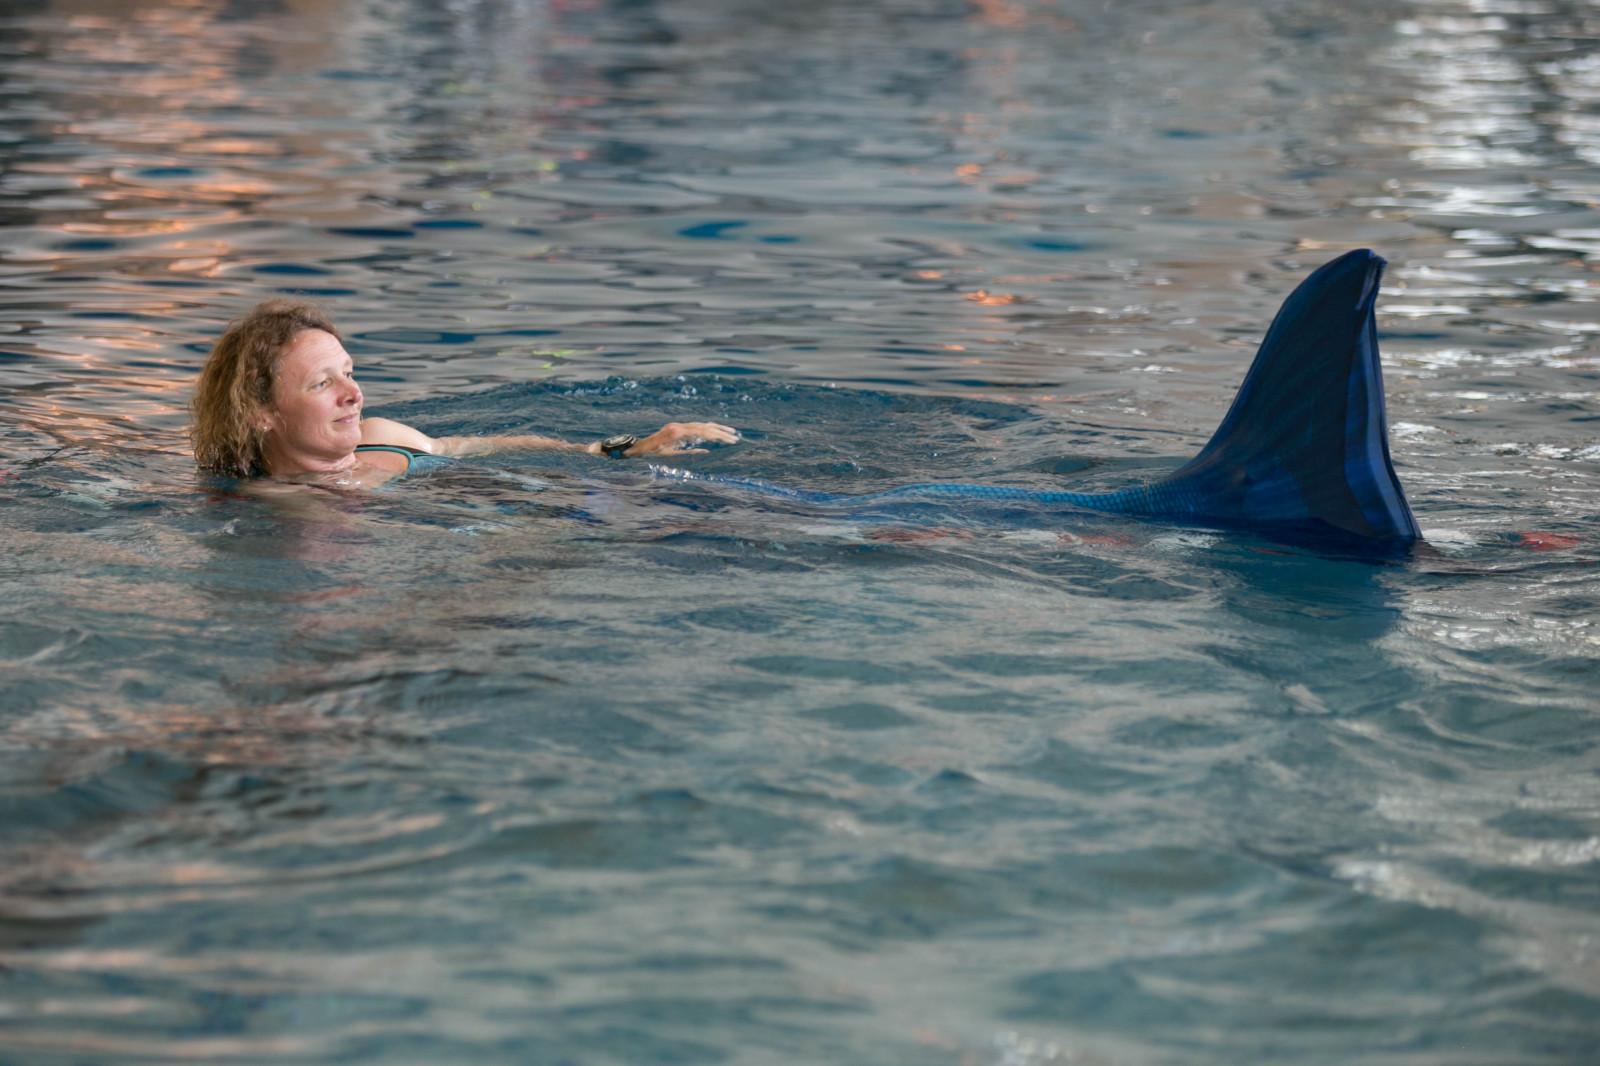 Maria schwimmt als Apnoetaucherin normalerweise mit größeren Flossen